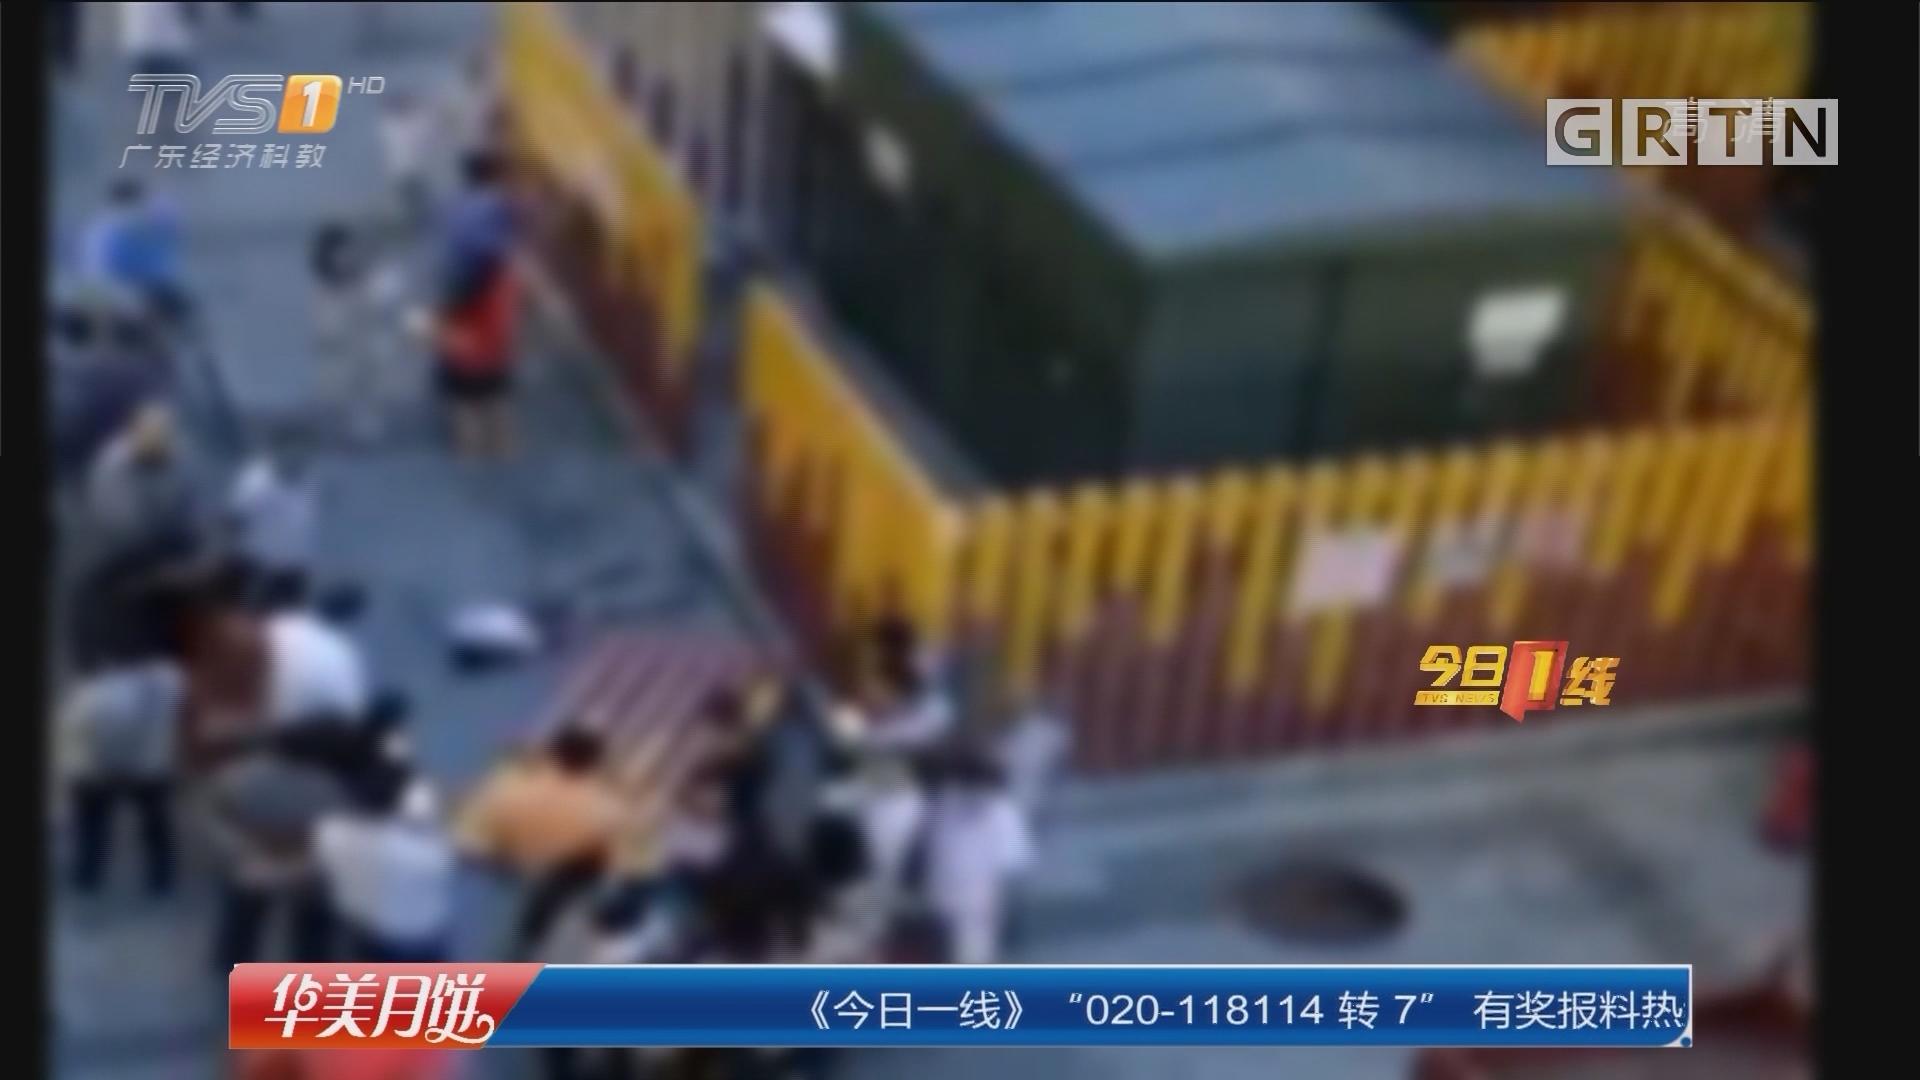 深圳龙岗:6岁男孩被砸 街坊抬栏杆救人